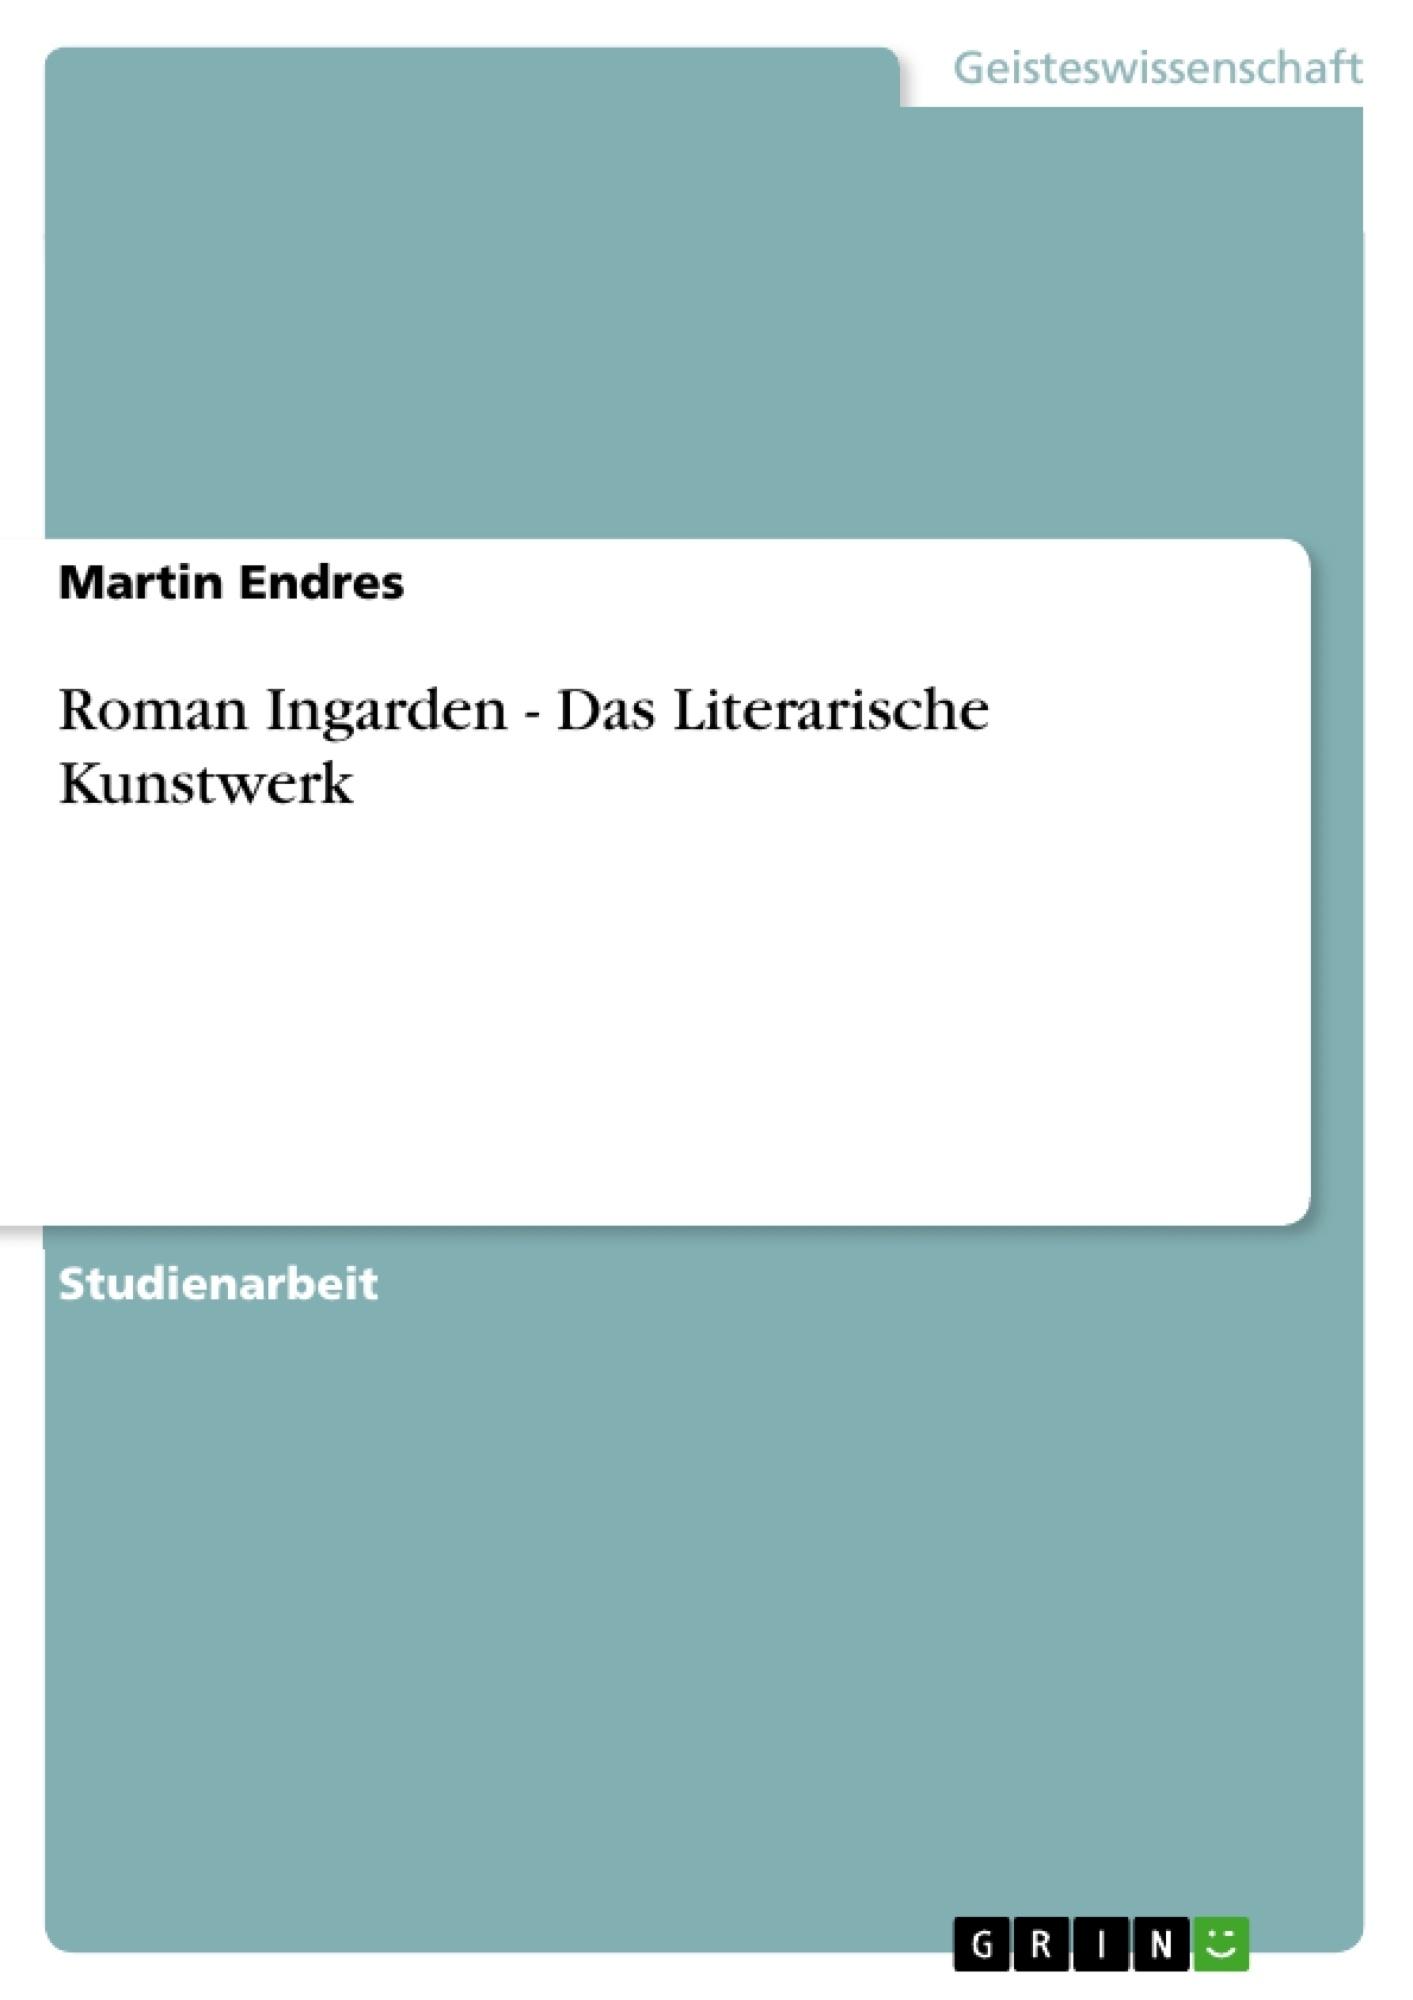 Titel: Roman Ingarden - Das Literarische Kunstwerk